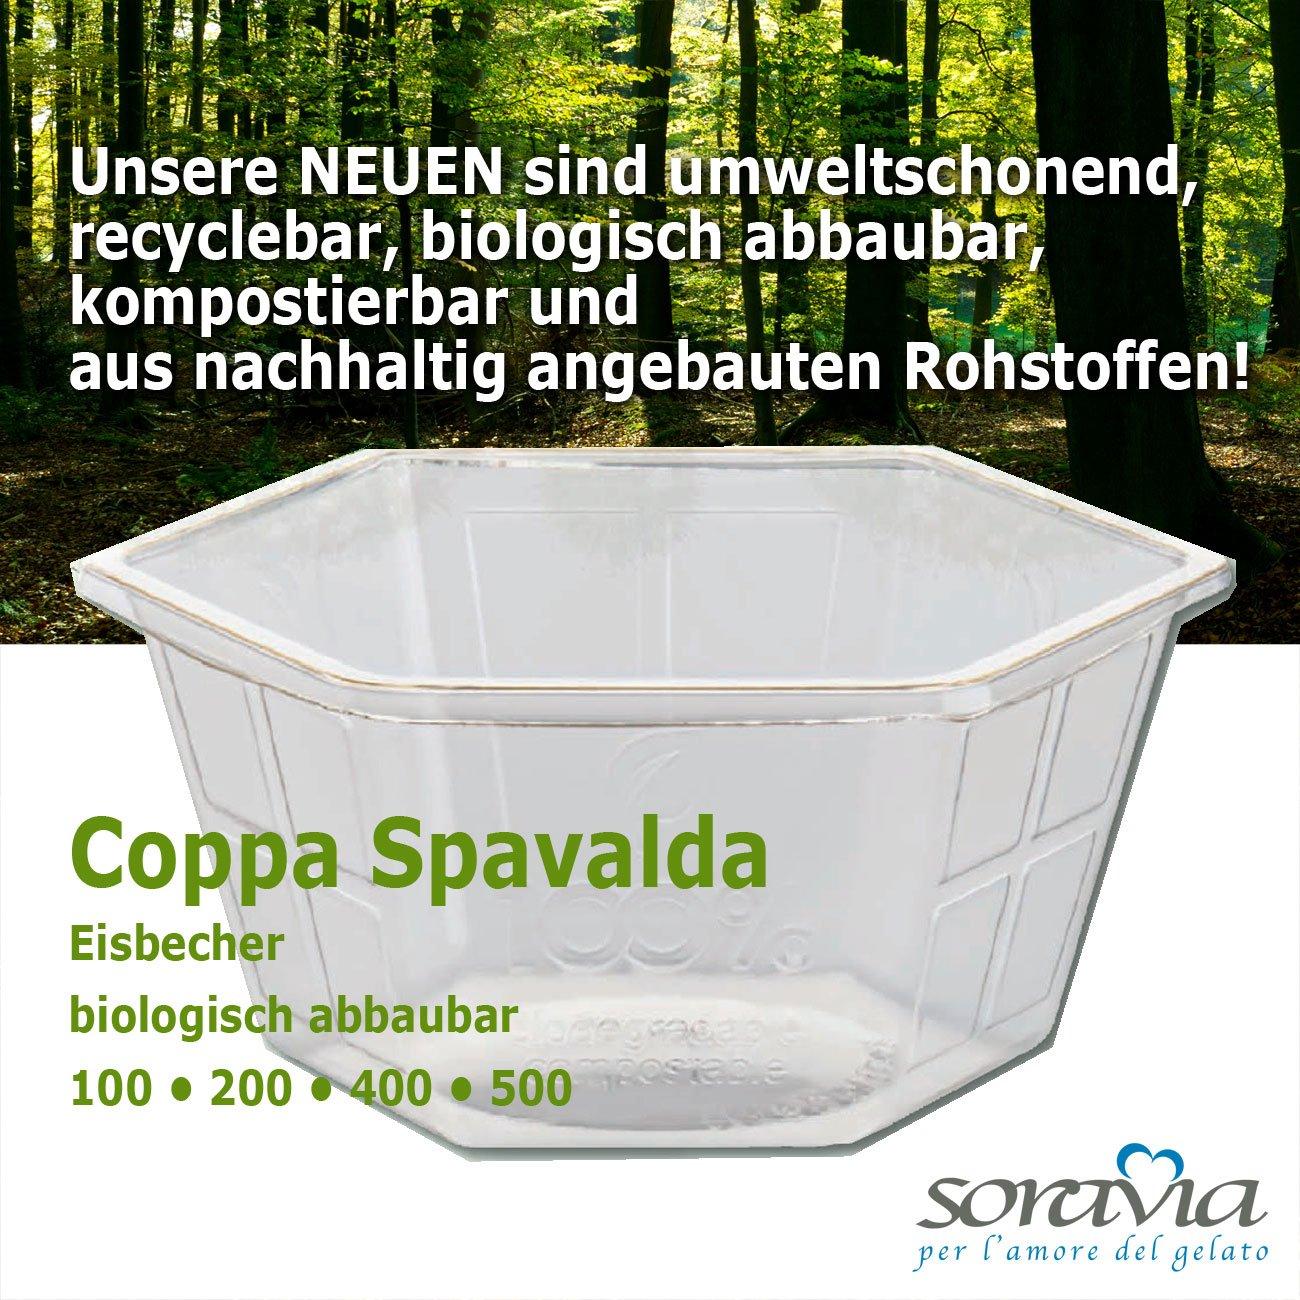 Coppa Spavalda 400 PLA - box 800 pieces - Ice cup biodegradable Plastic - coppa plastica PLA